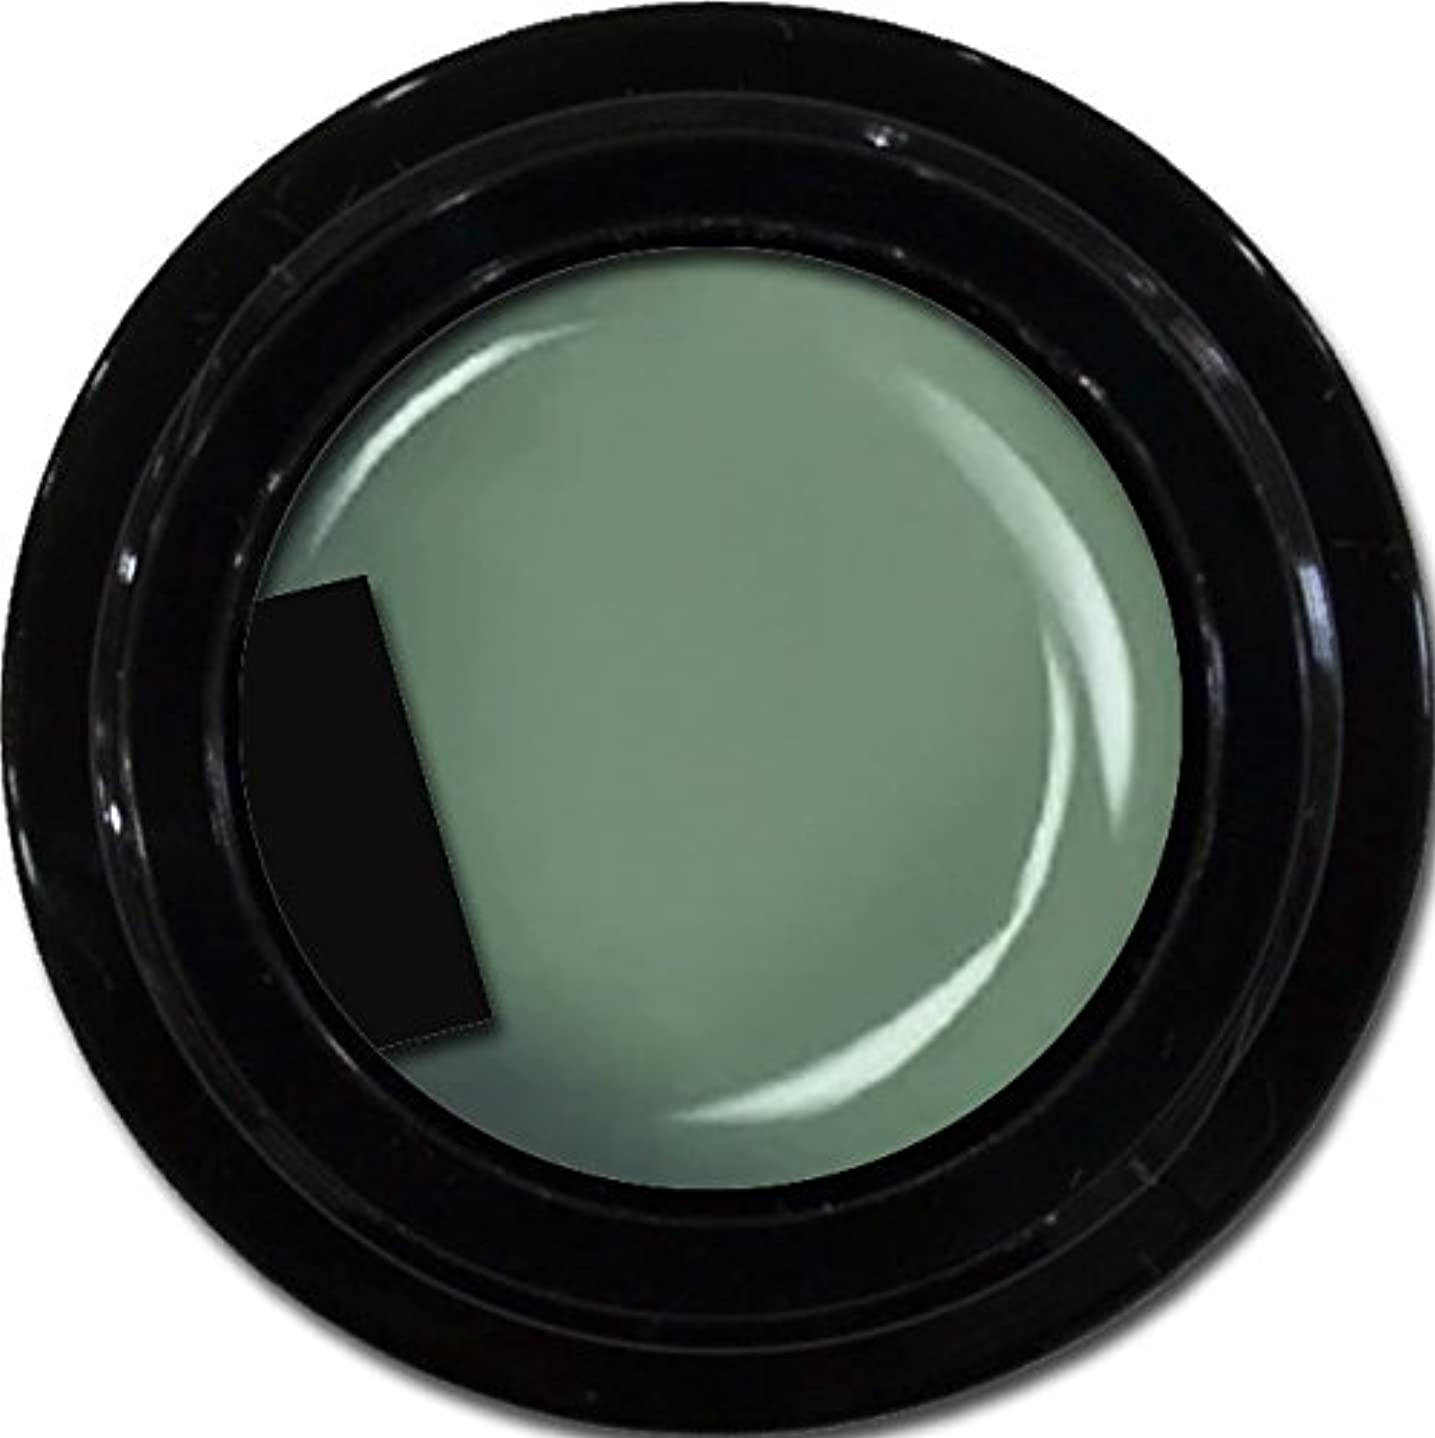 コンチネンタルバケットプリーツカラージェル enchant color gel M714 Army 3g/ マットカラージェル M714 アーミー 3グラム